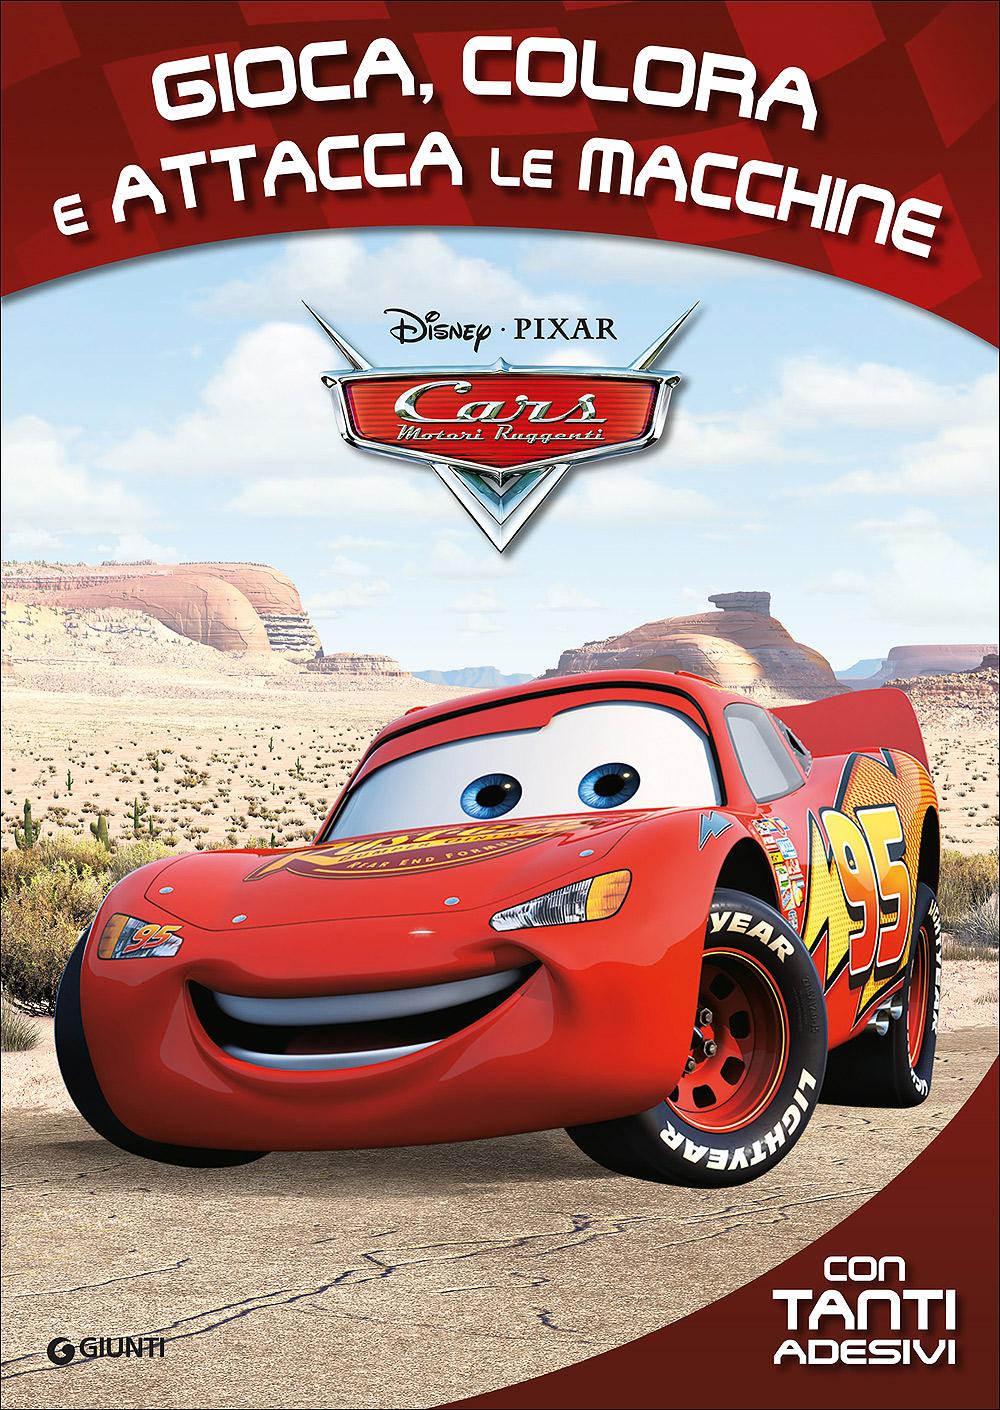 Attacca gli eroi - Cars. Gioca, colora e attacca le macchine